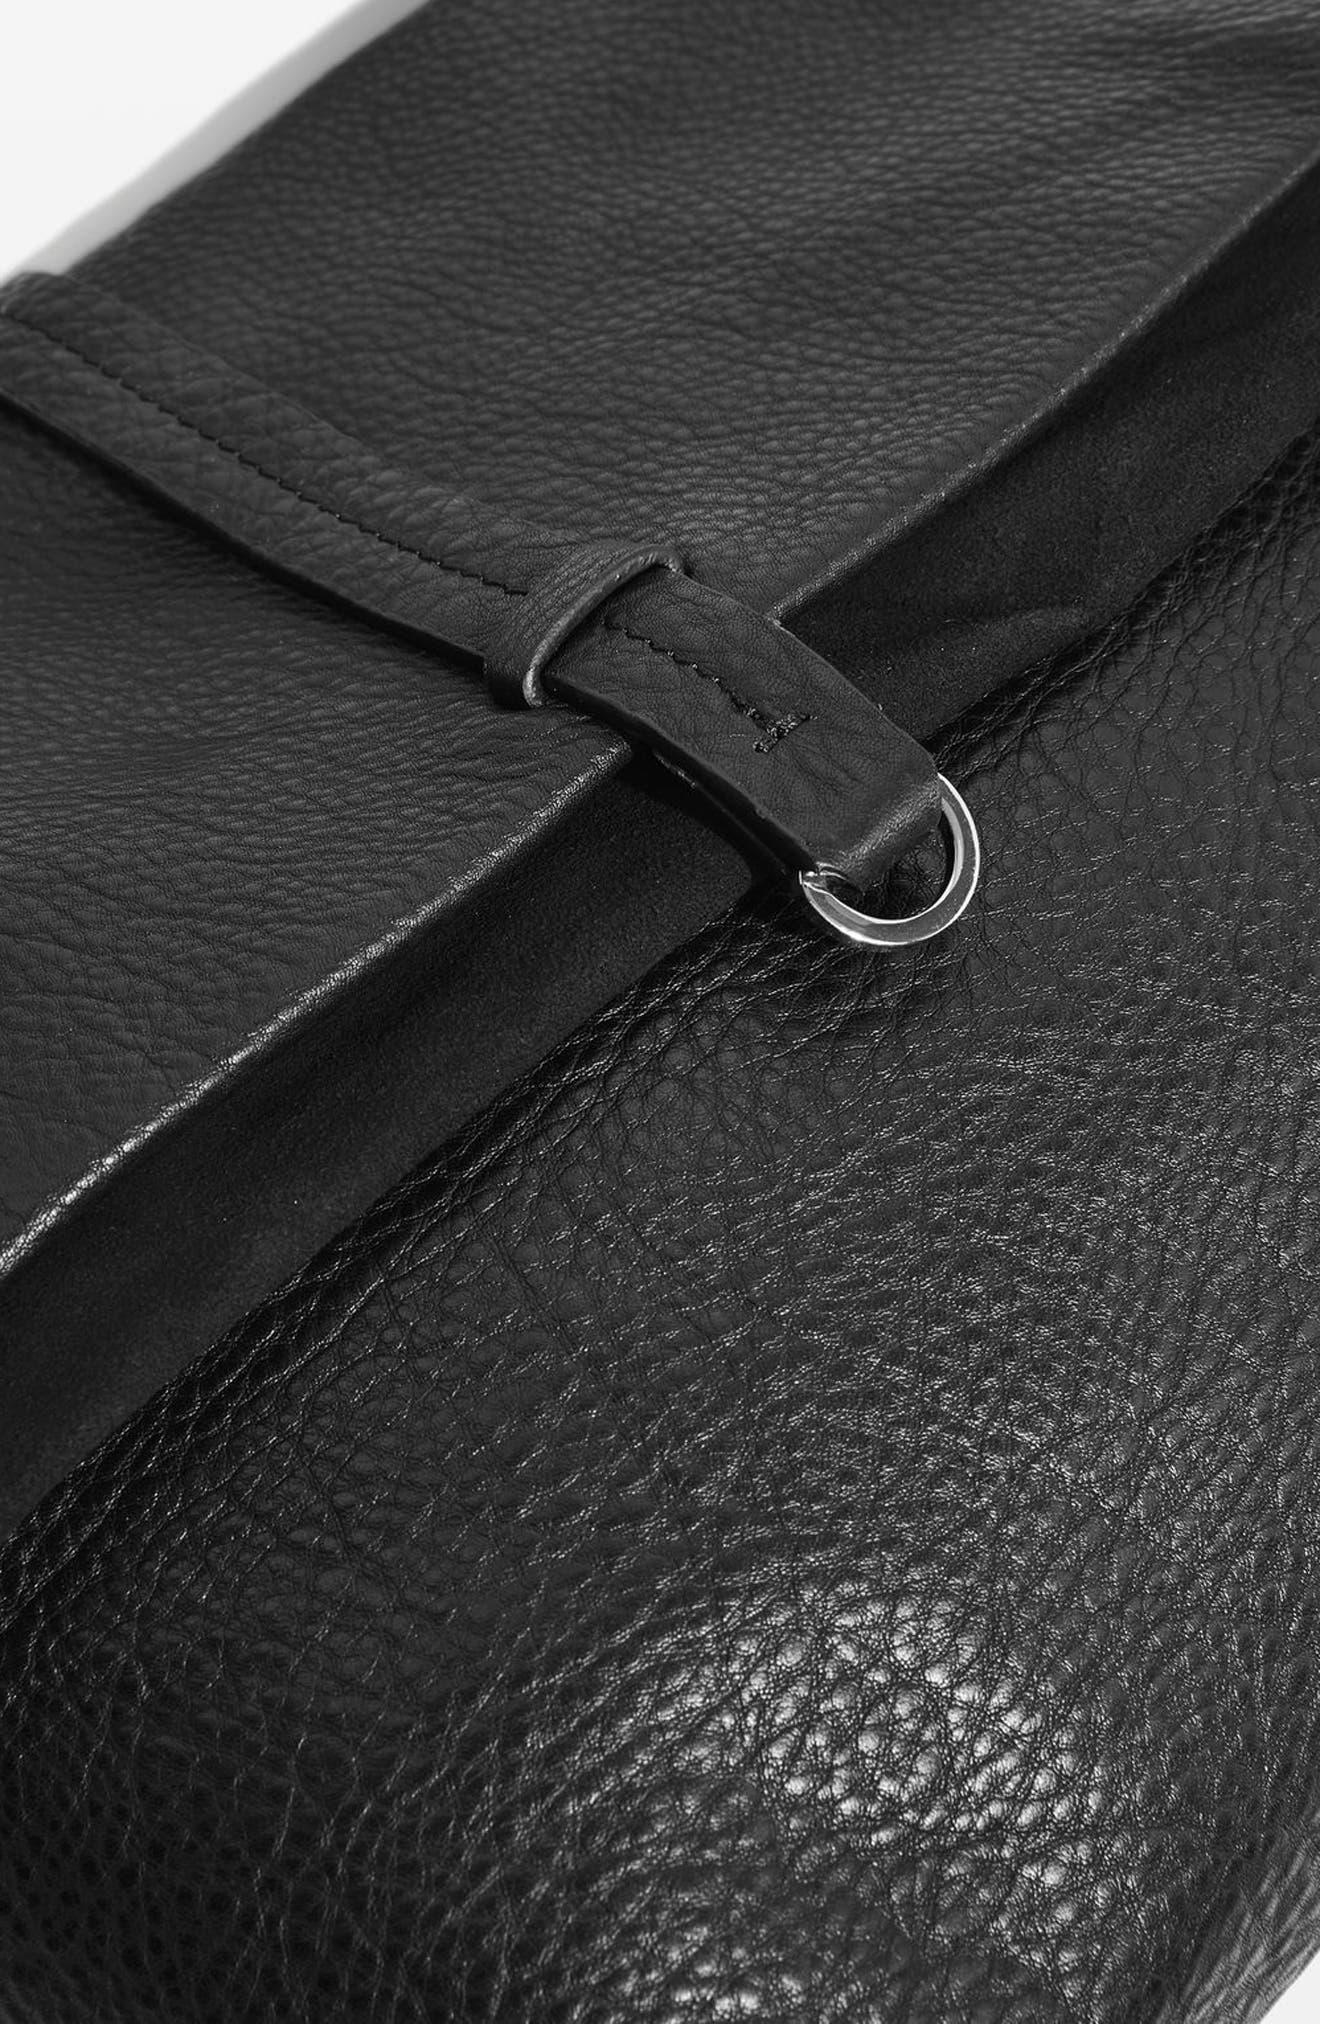 Premium Leather Studded Calfskin Hobo Bag,                             Alternate thumbnail 5, color,                             Black